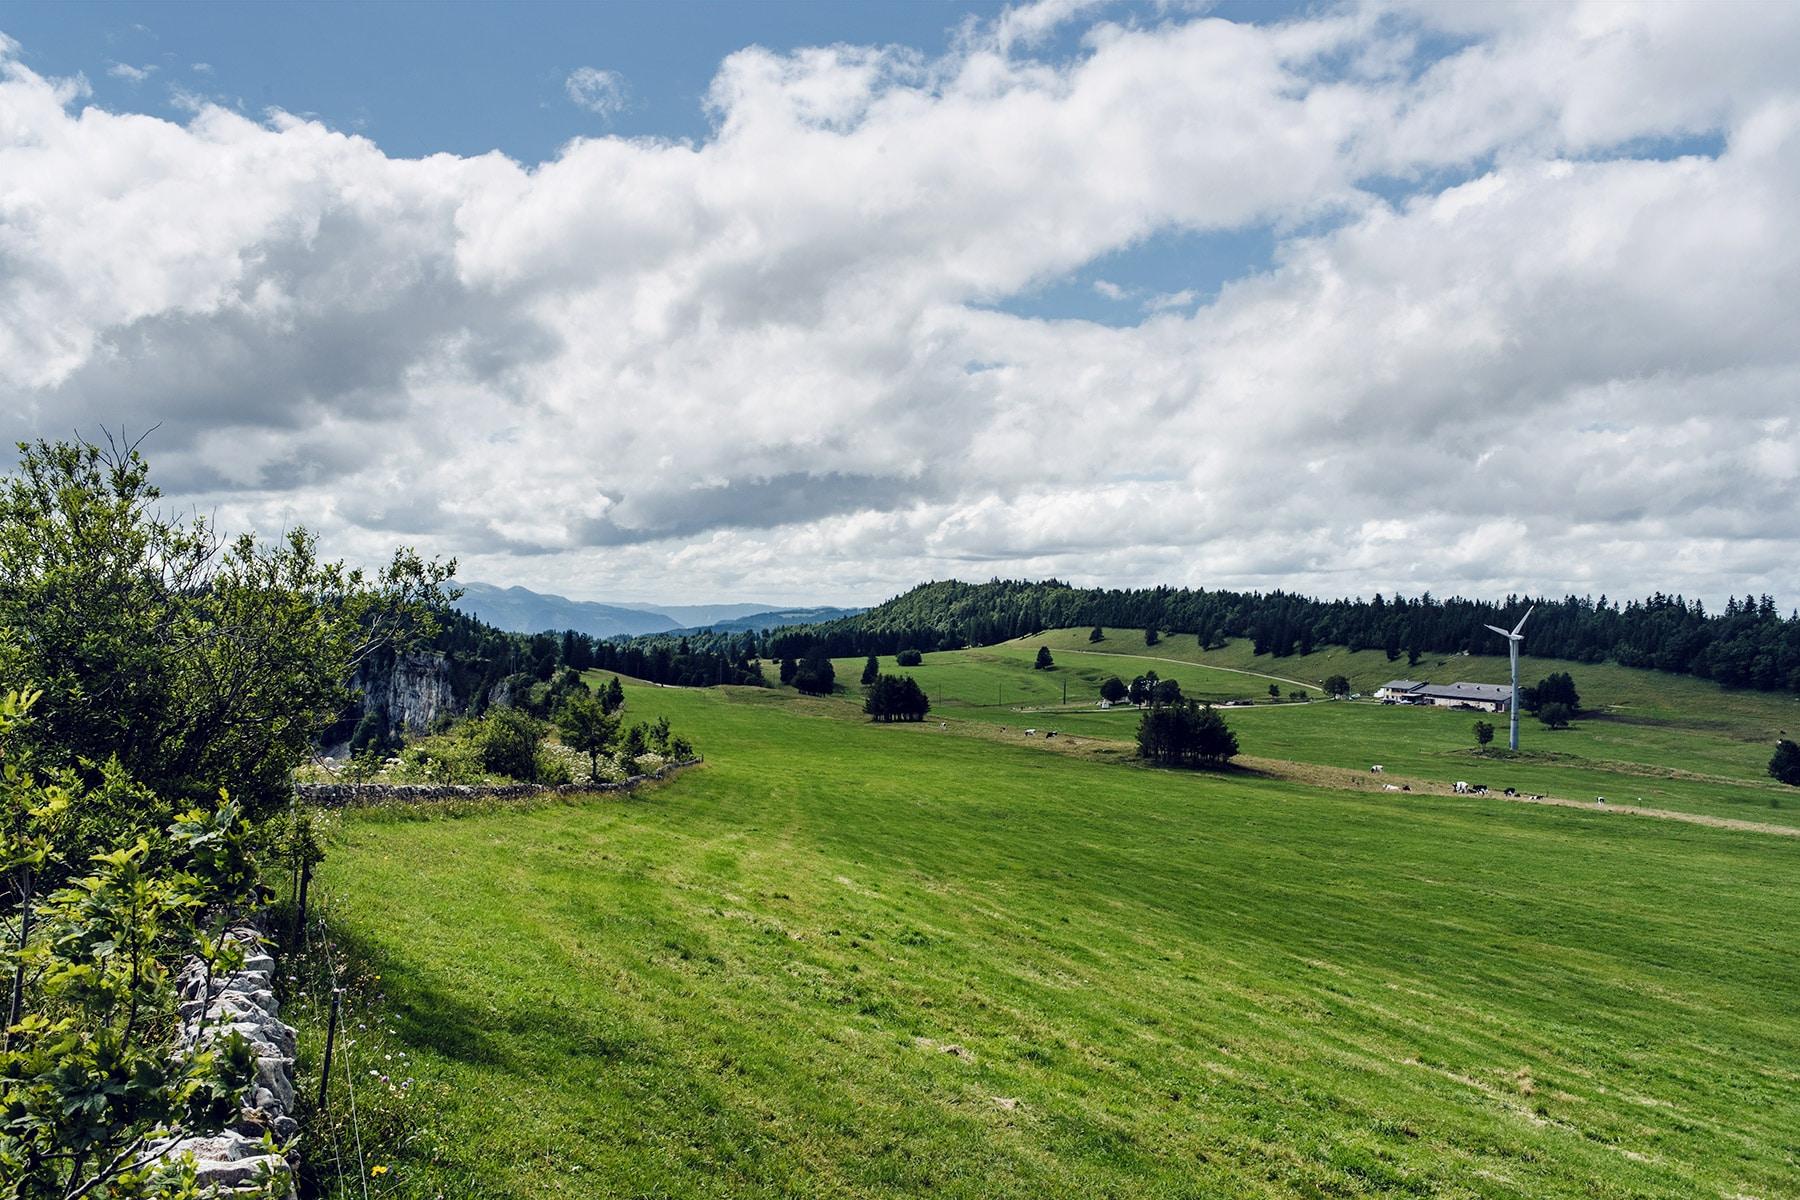 Paysage 100% helvétique: reliefs boisés du Jura et pâturages